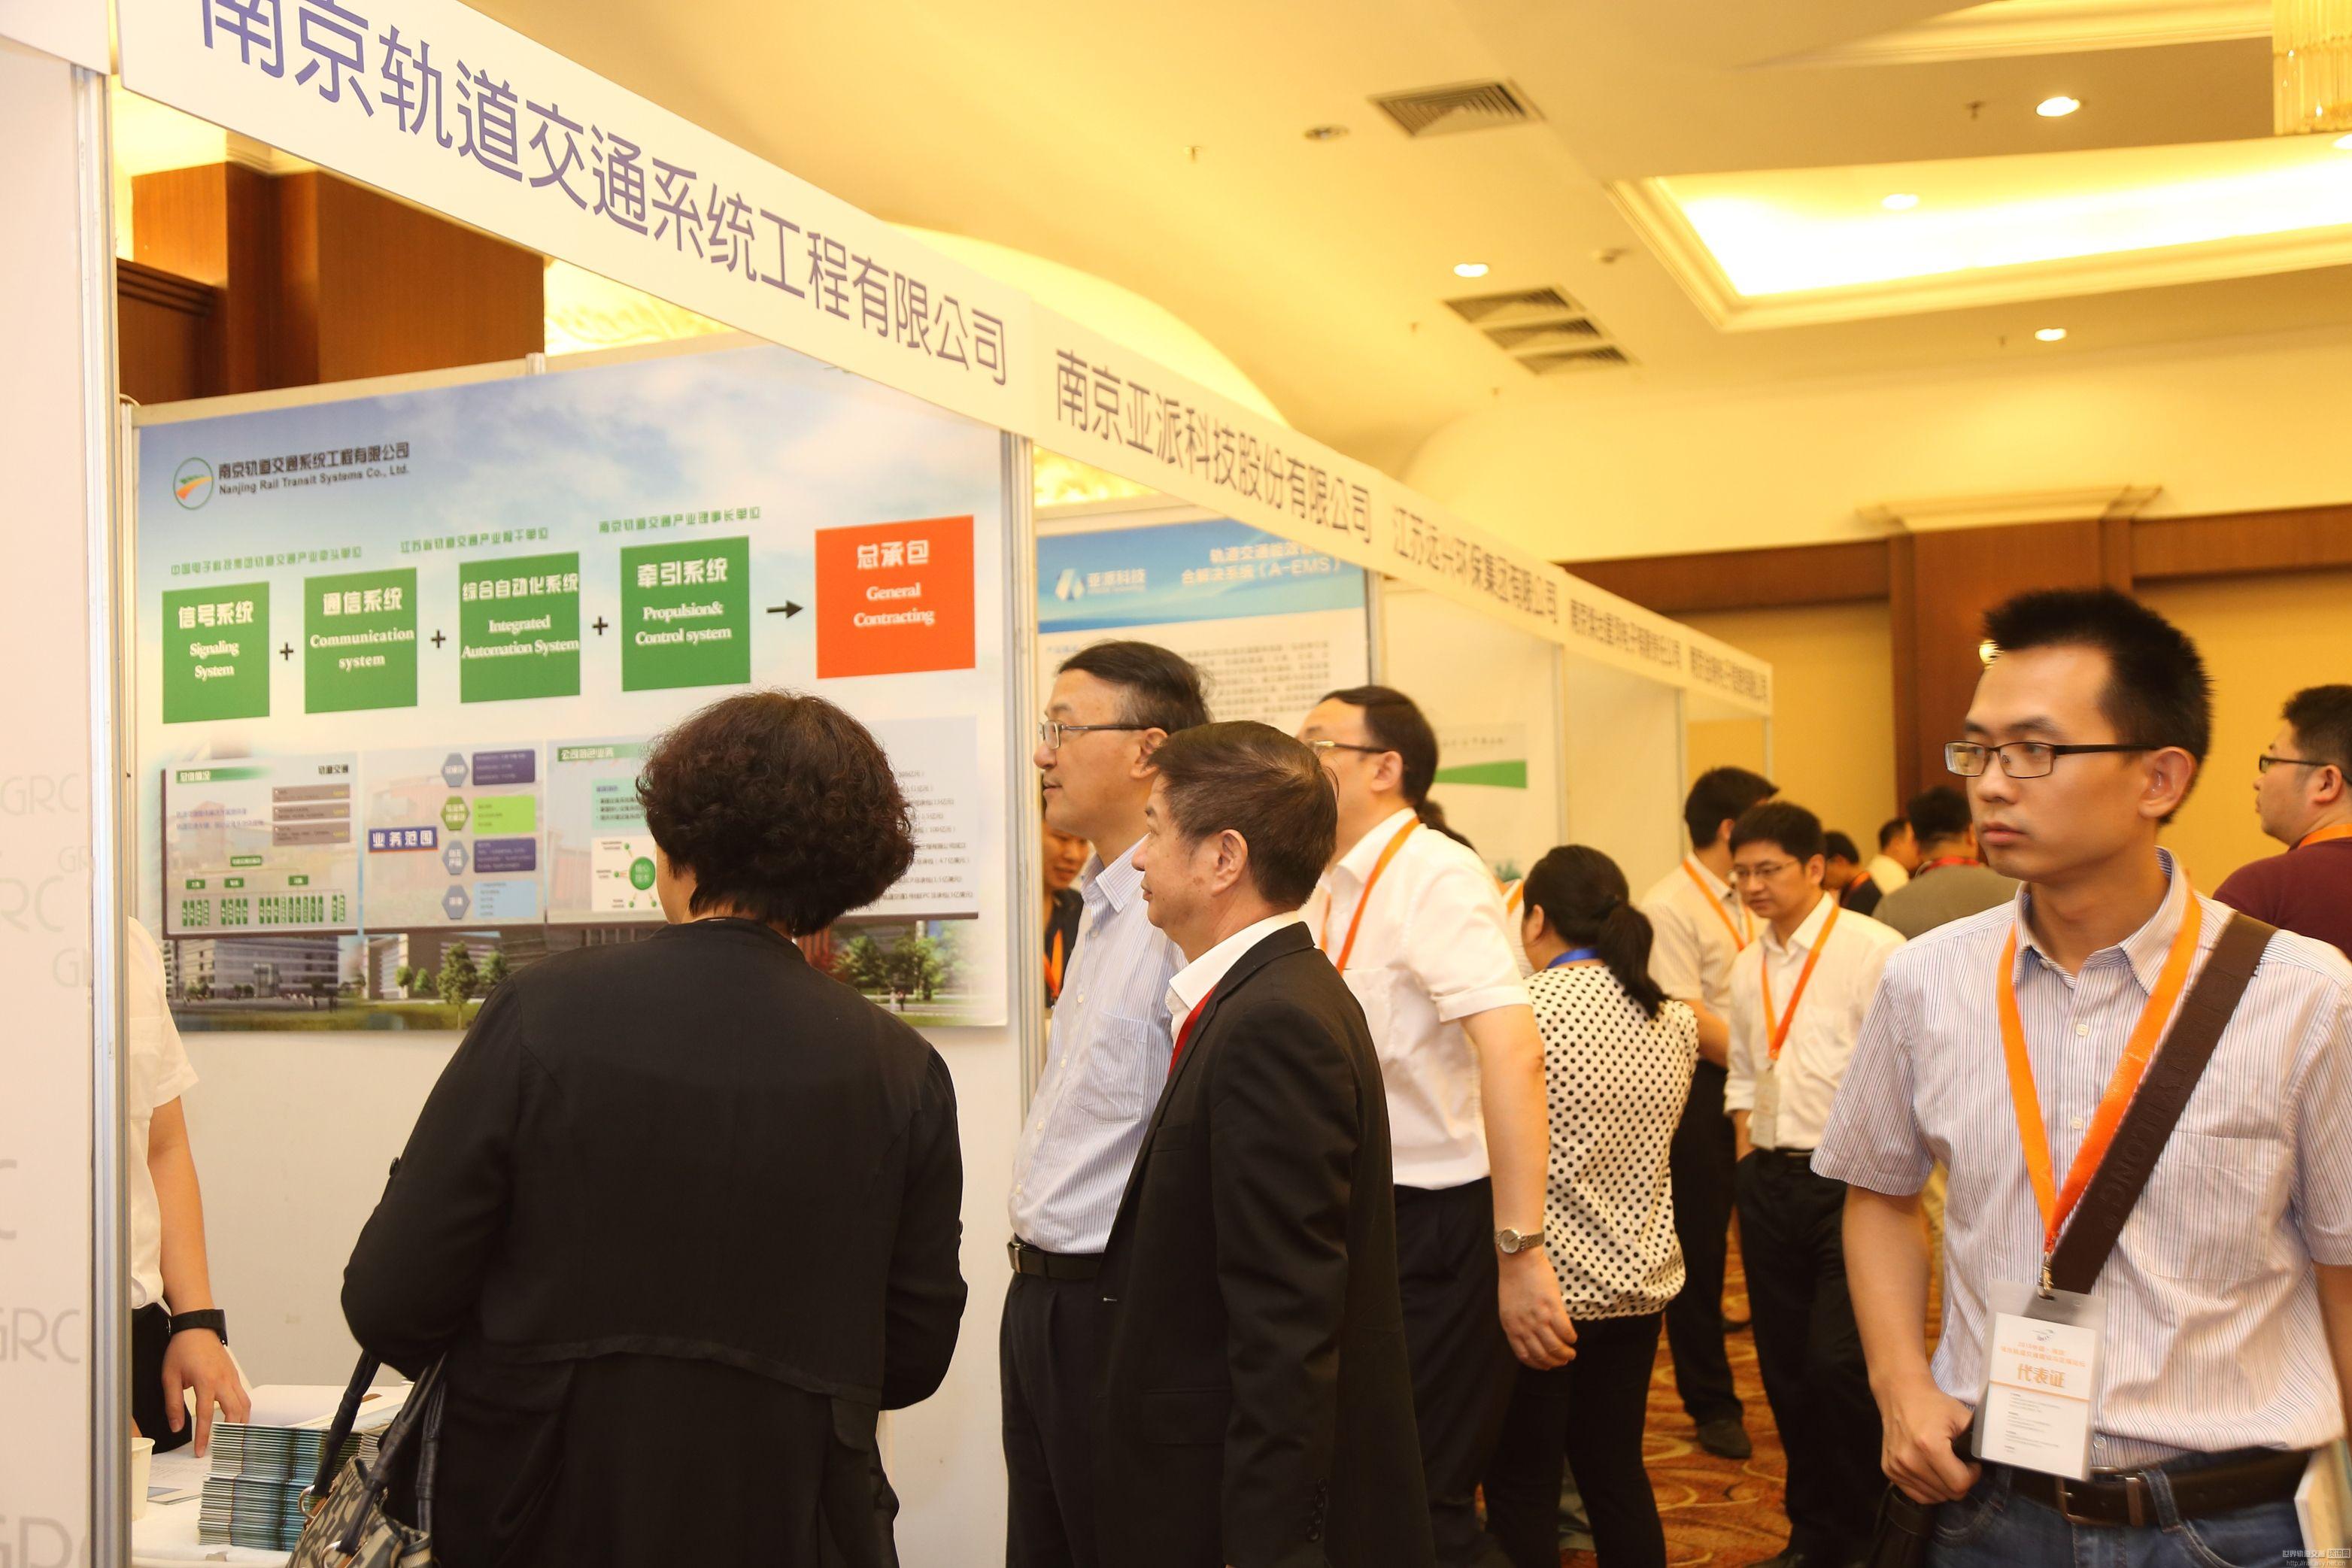 南京轨道交通系统工程有限公司展位